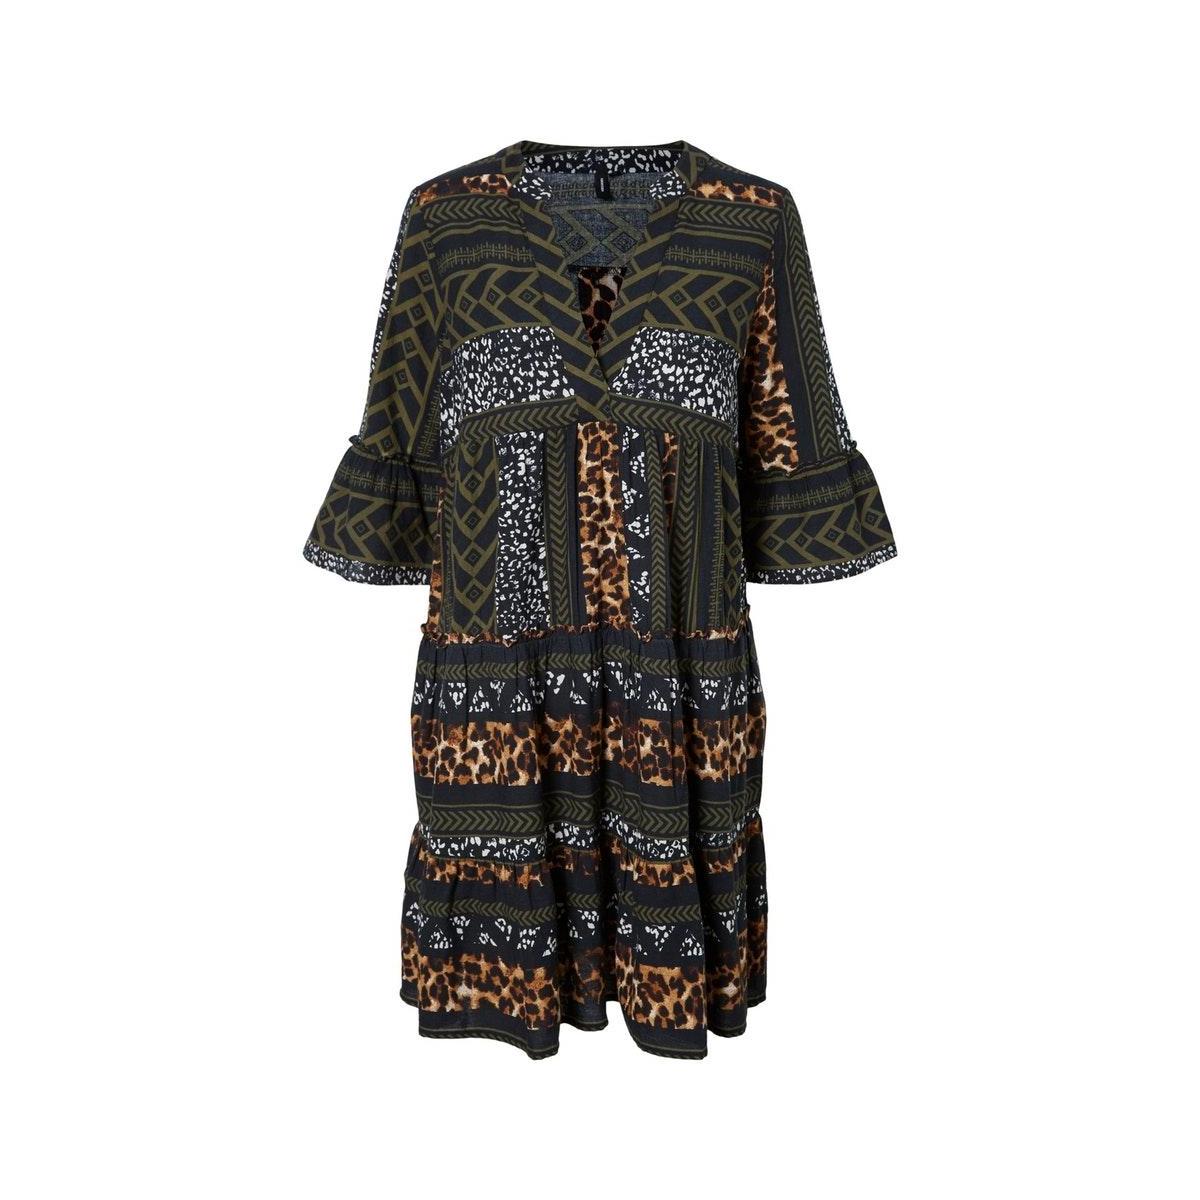 vmdicthe 3/4 tunic exp ga 10225127 vero moda tuniek black/animal